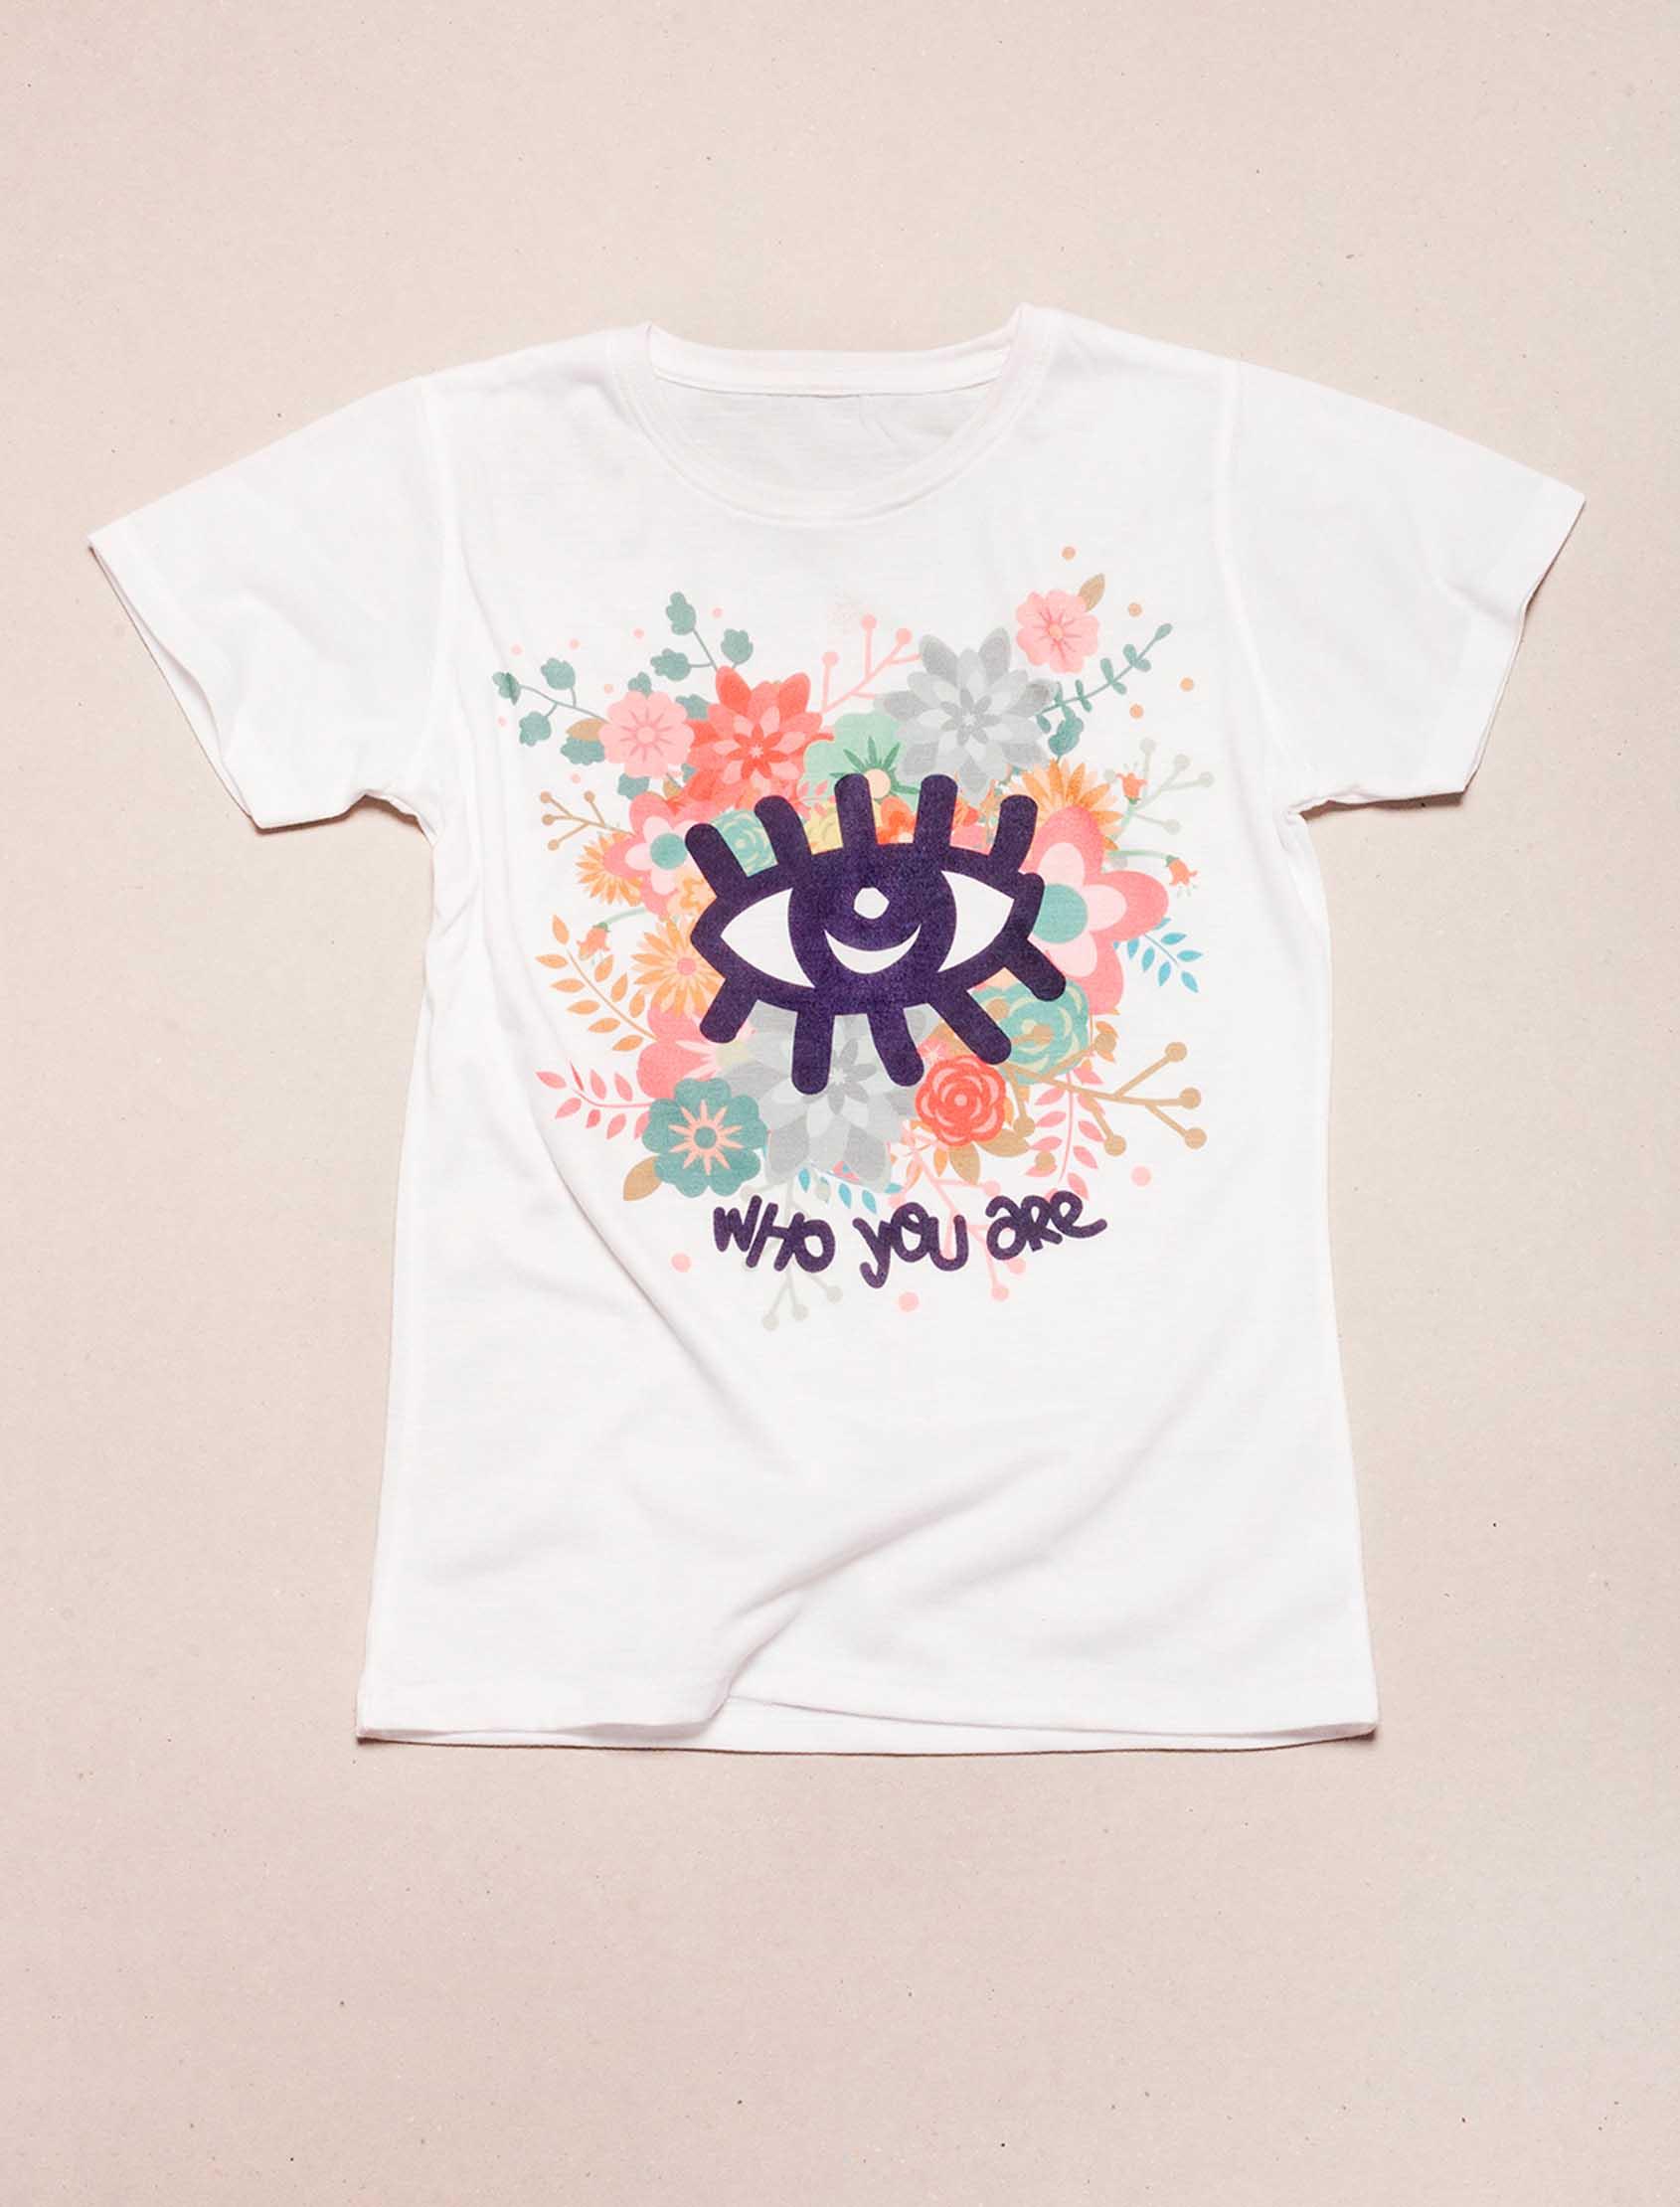 Camisetawhoyouarewithflowers_01